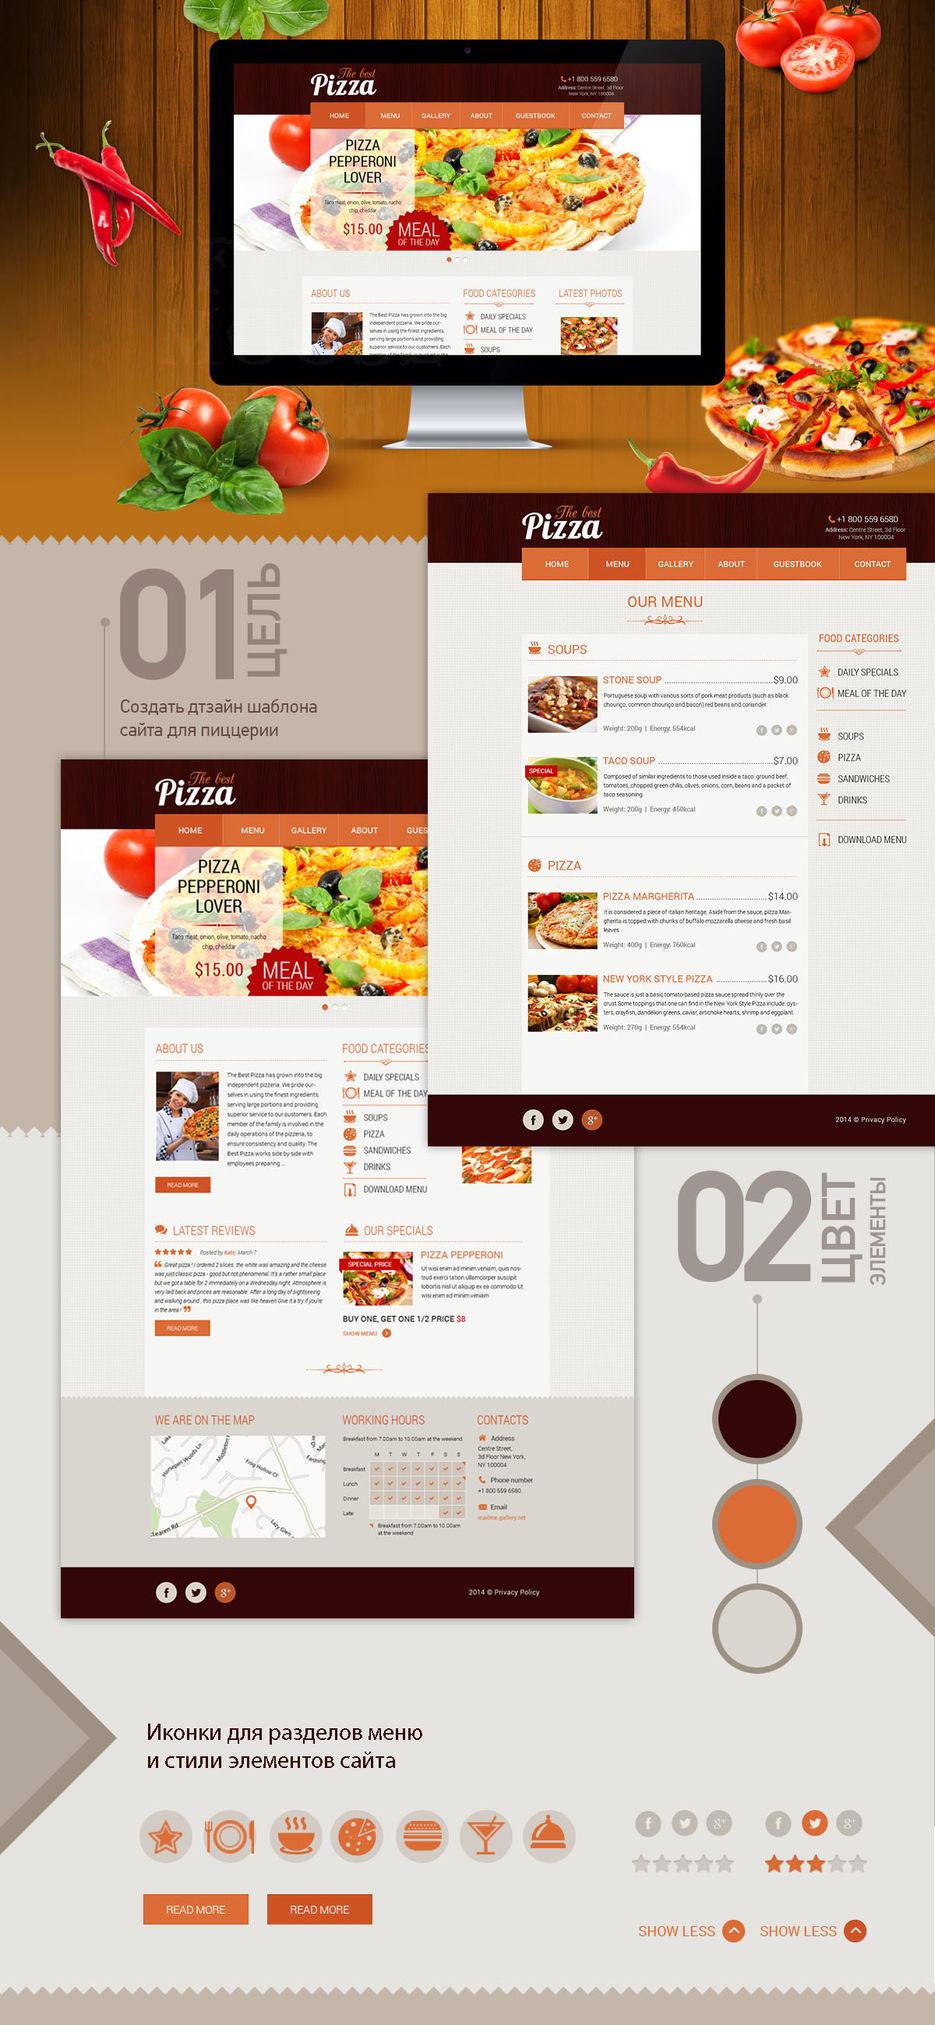 Дизайн шаблона сайта для пиццерии